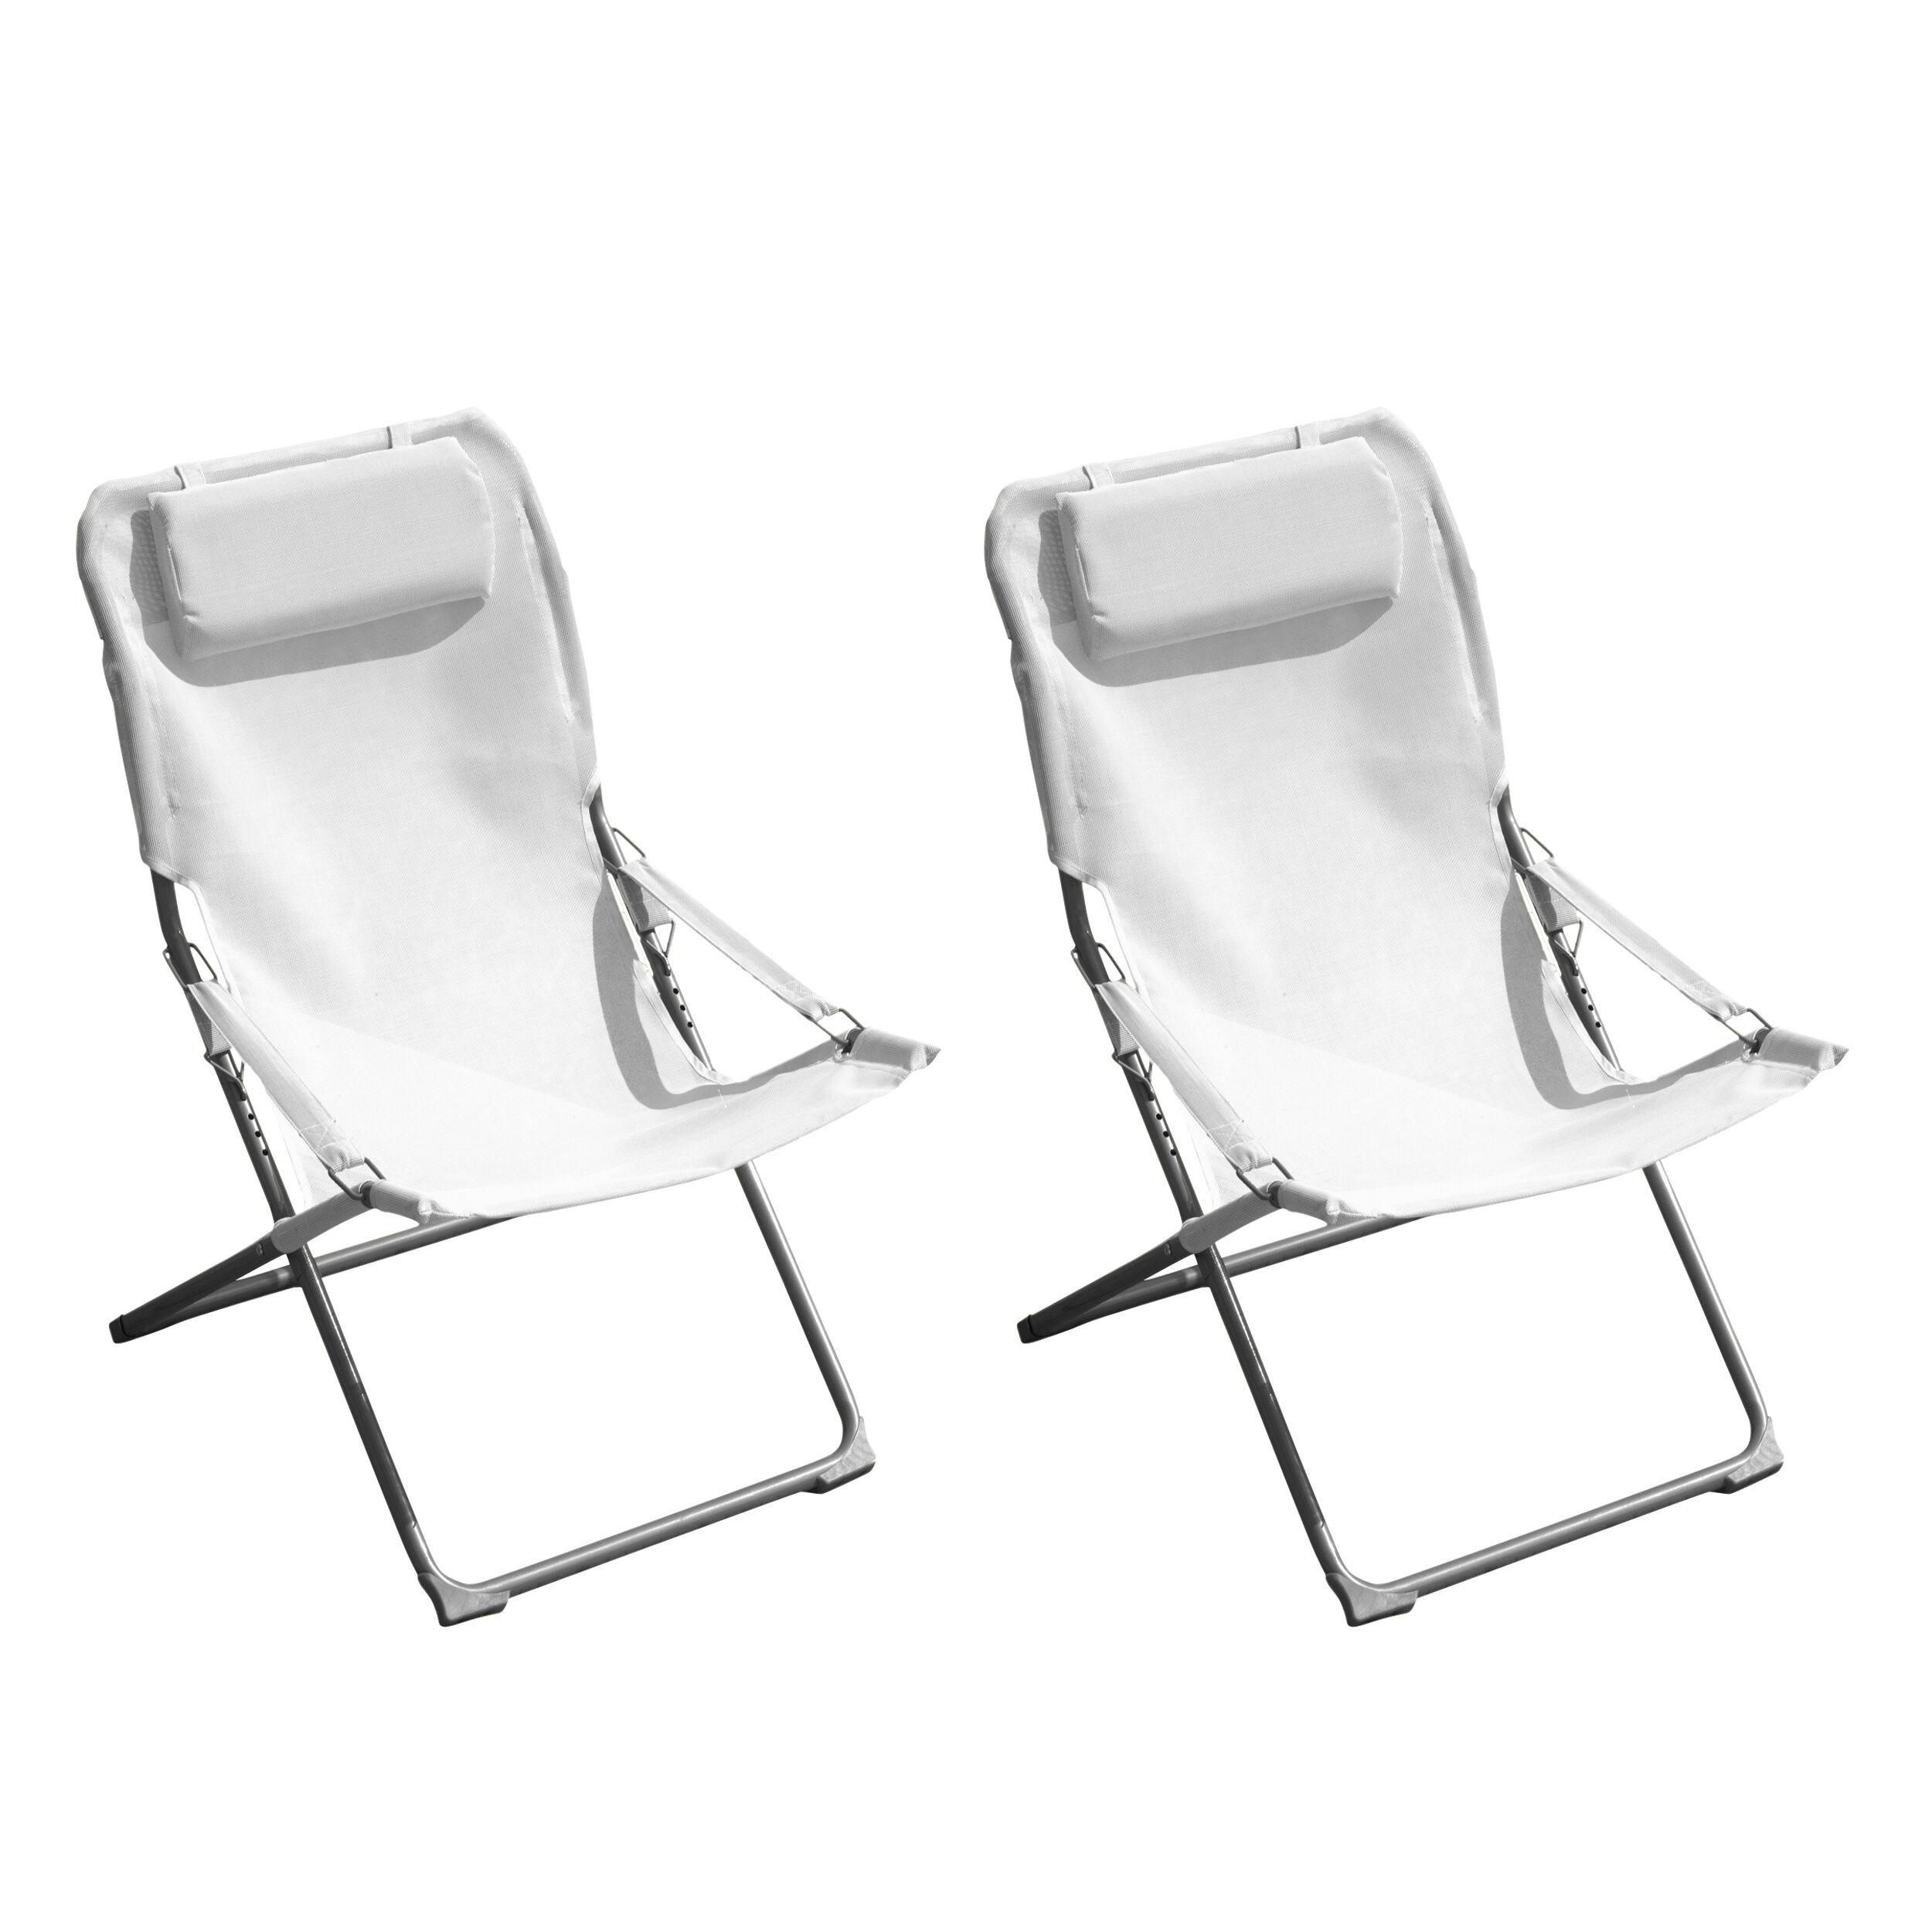 Rendez vous déco Chaise longue Java blanche (lot de 2)